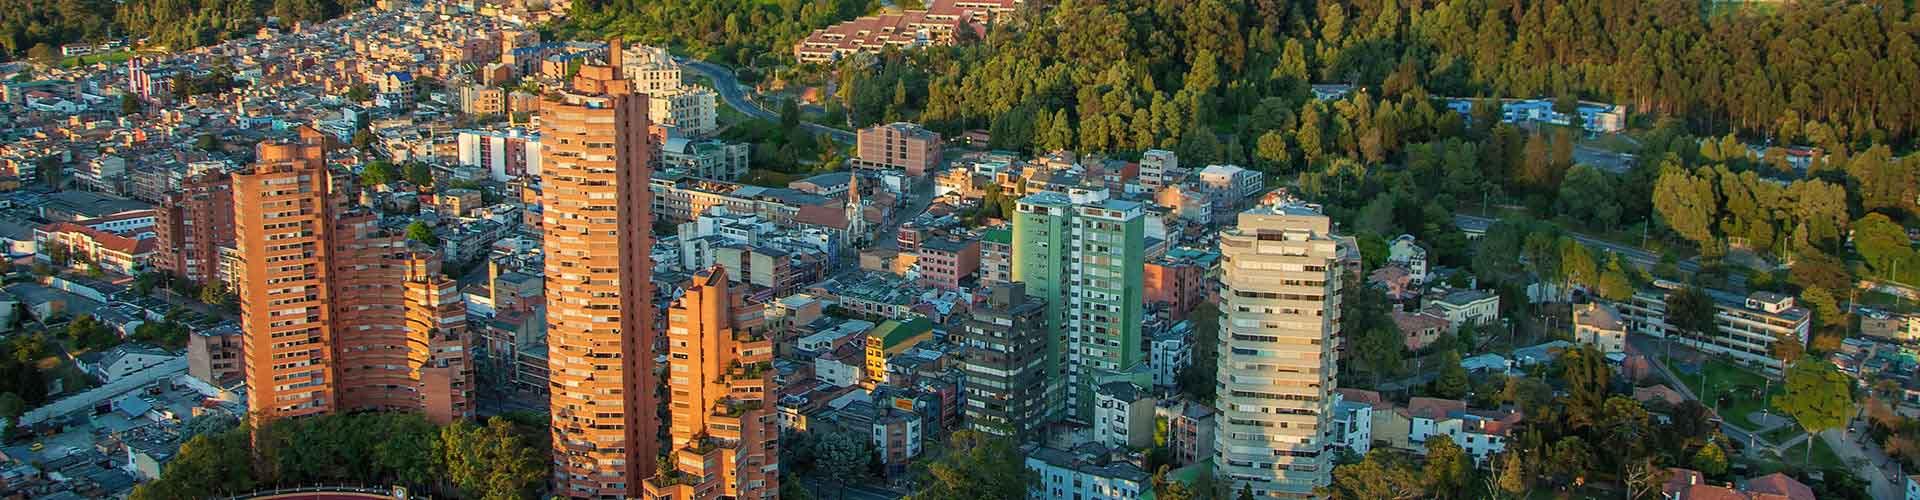 Bogota - Appartments à Bogota. Cartes pour Bogota, photos et commentaires pour chaque appartement à Bogota.